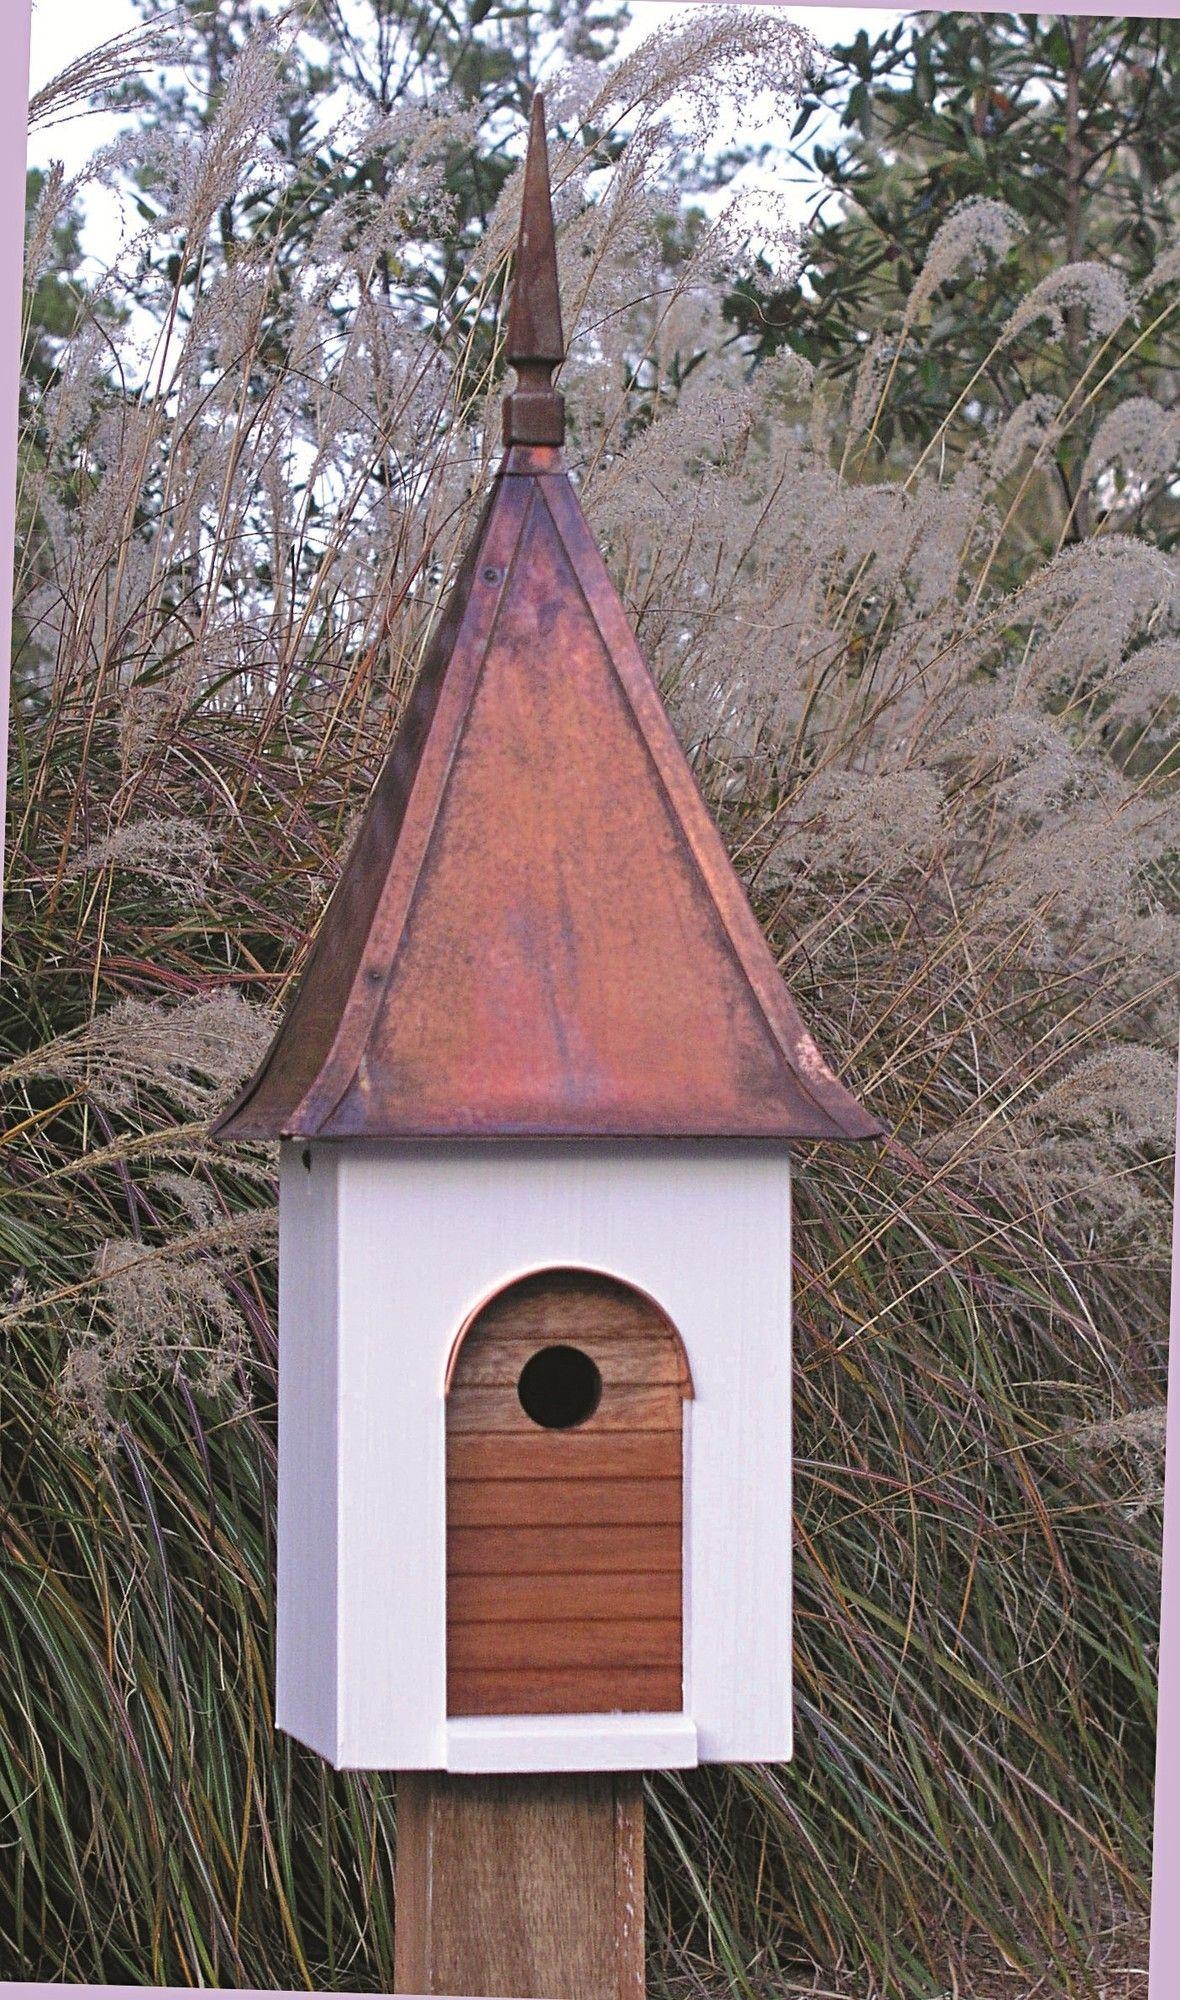 French Villa 27 In X 9 5 In X 9 5 In Birdhouse Unique Bird Houses Bird House Decorative Bird Houses